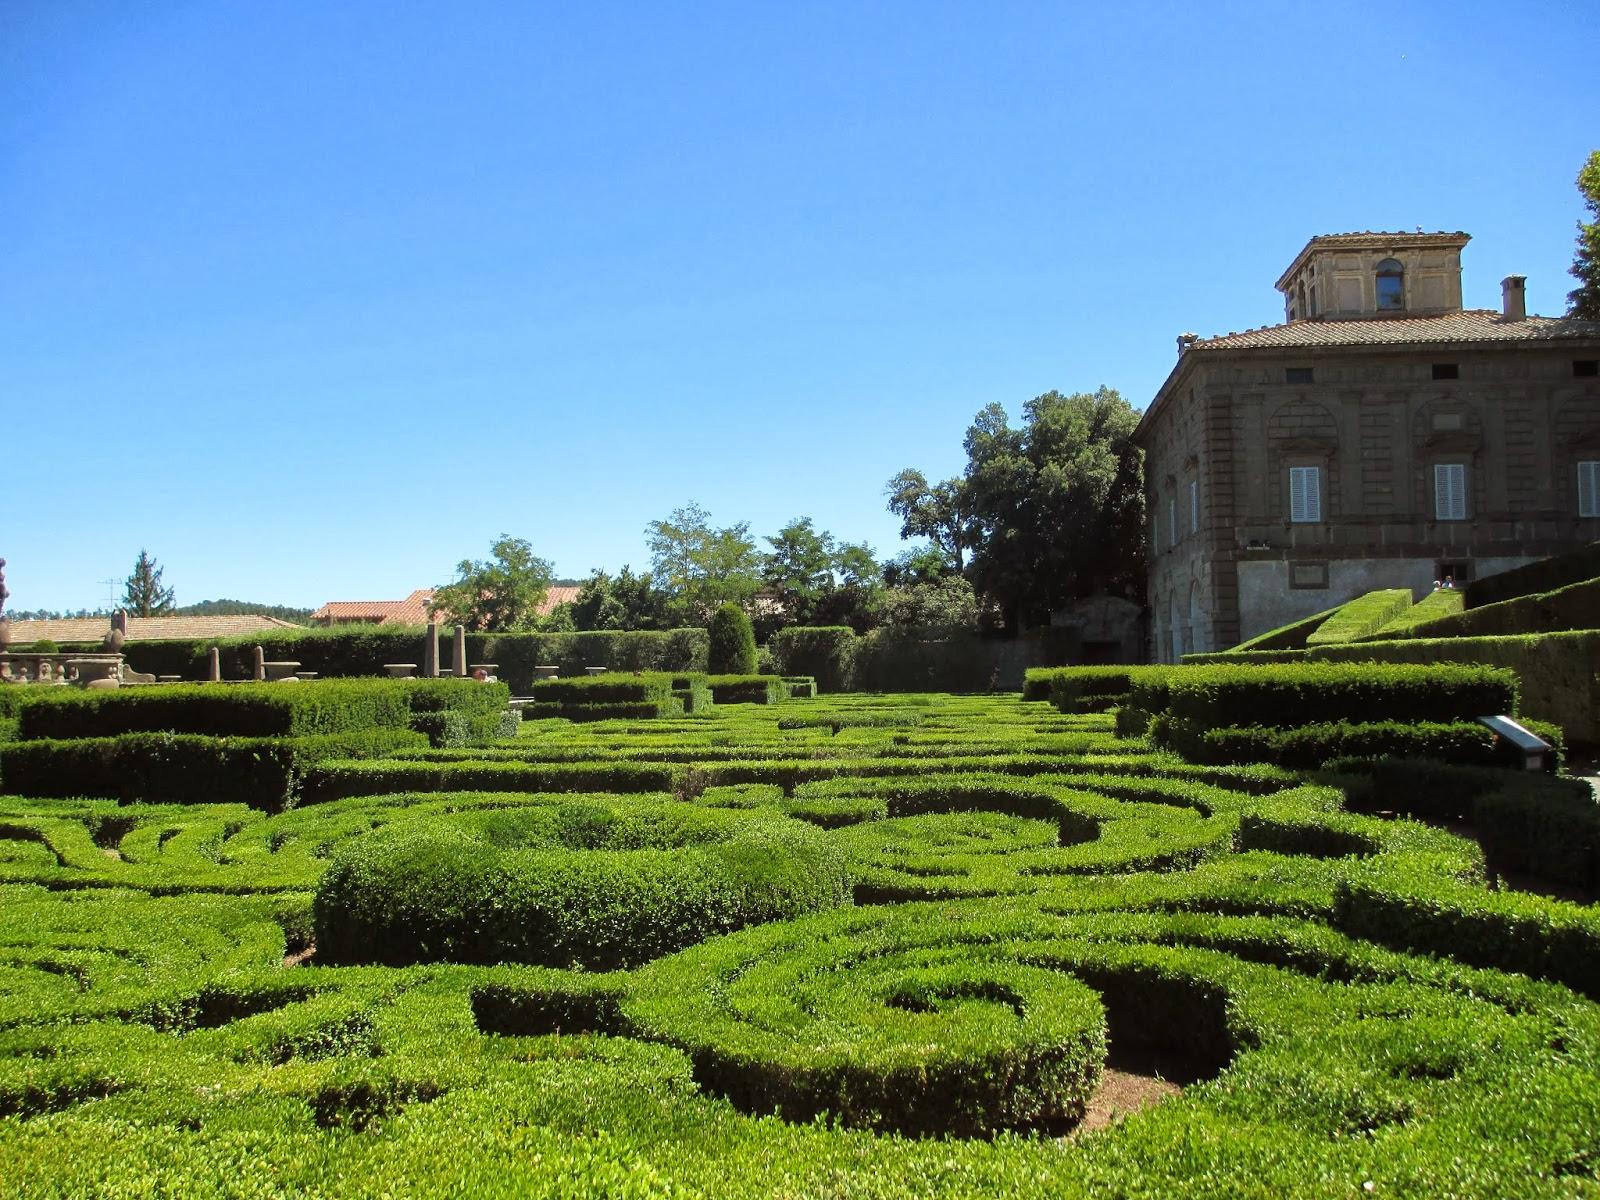 villa-lante-palazzo-farnese-19-